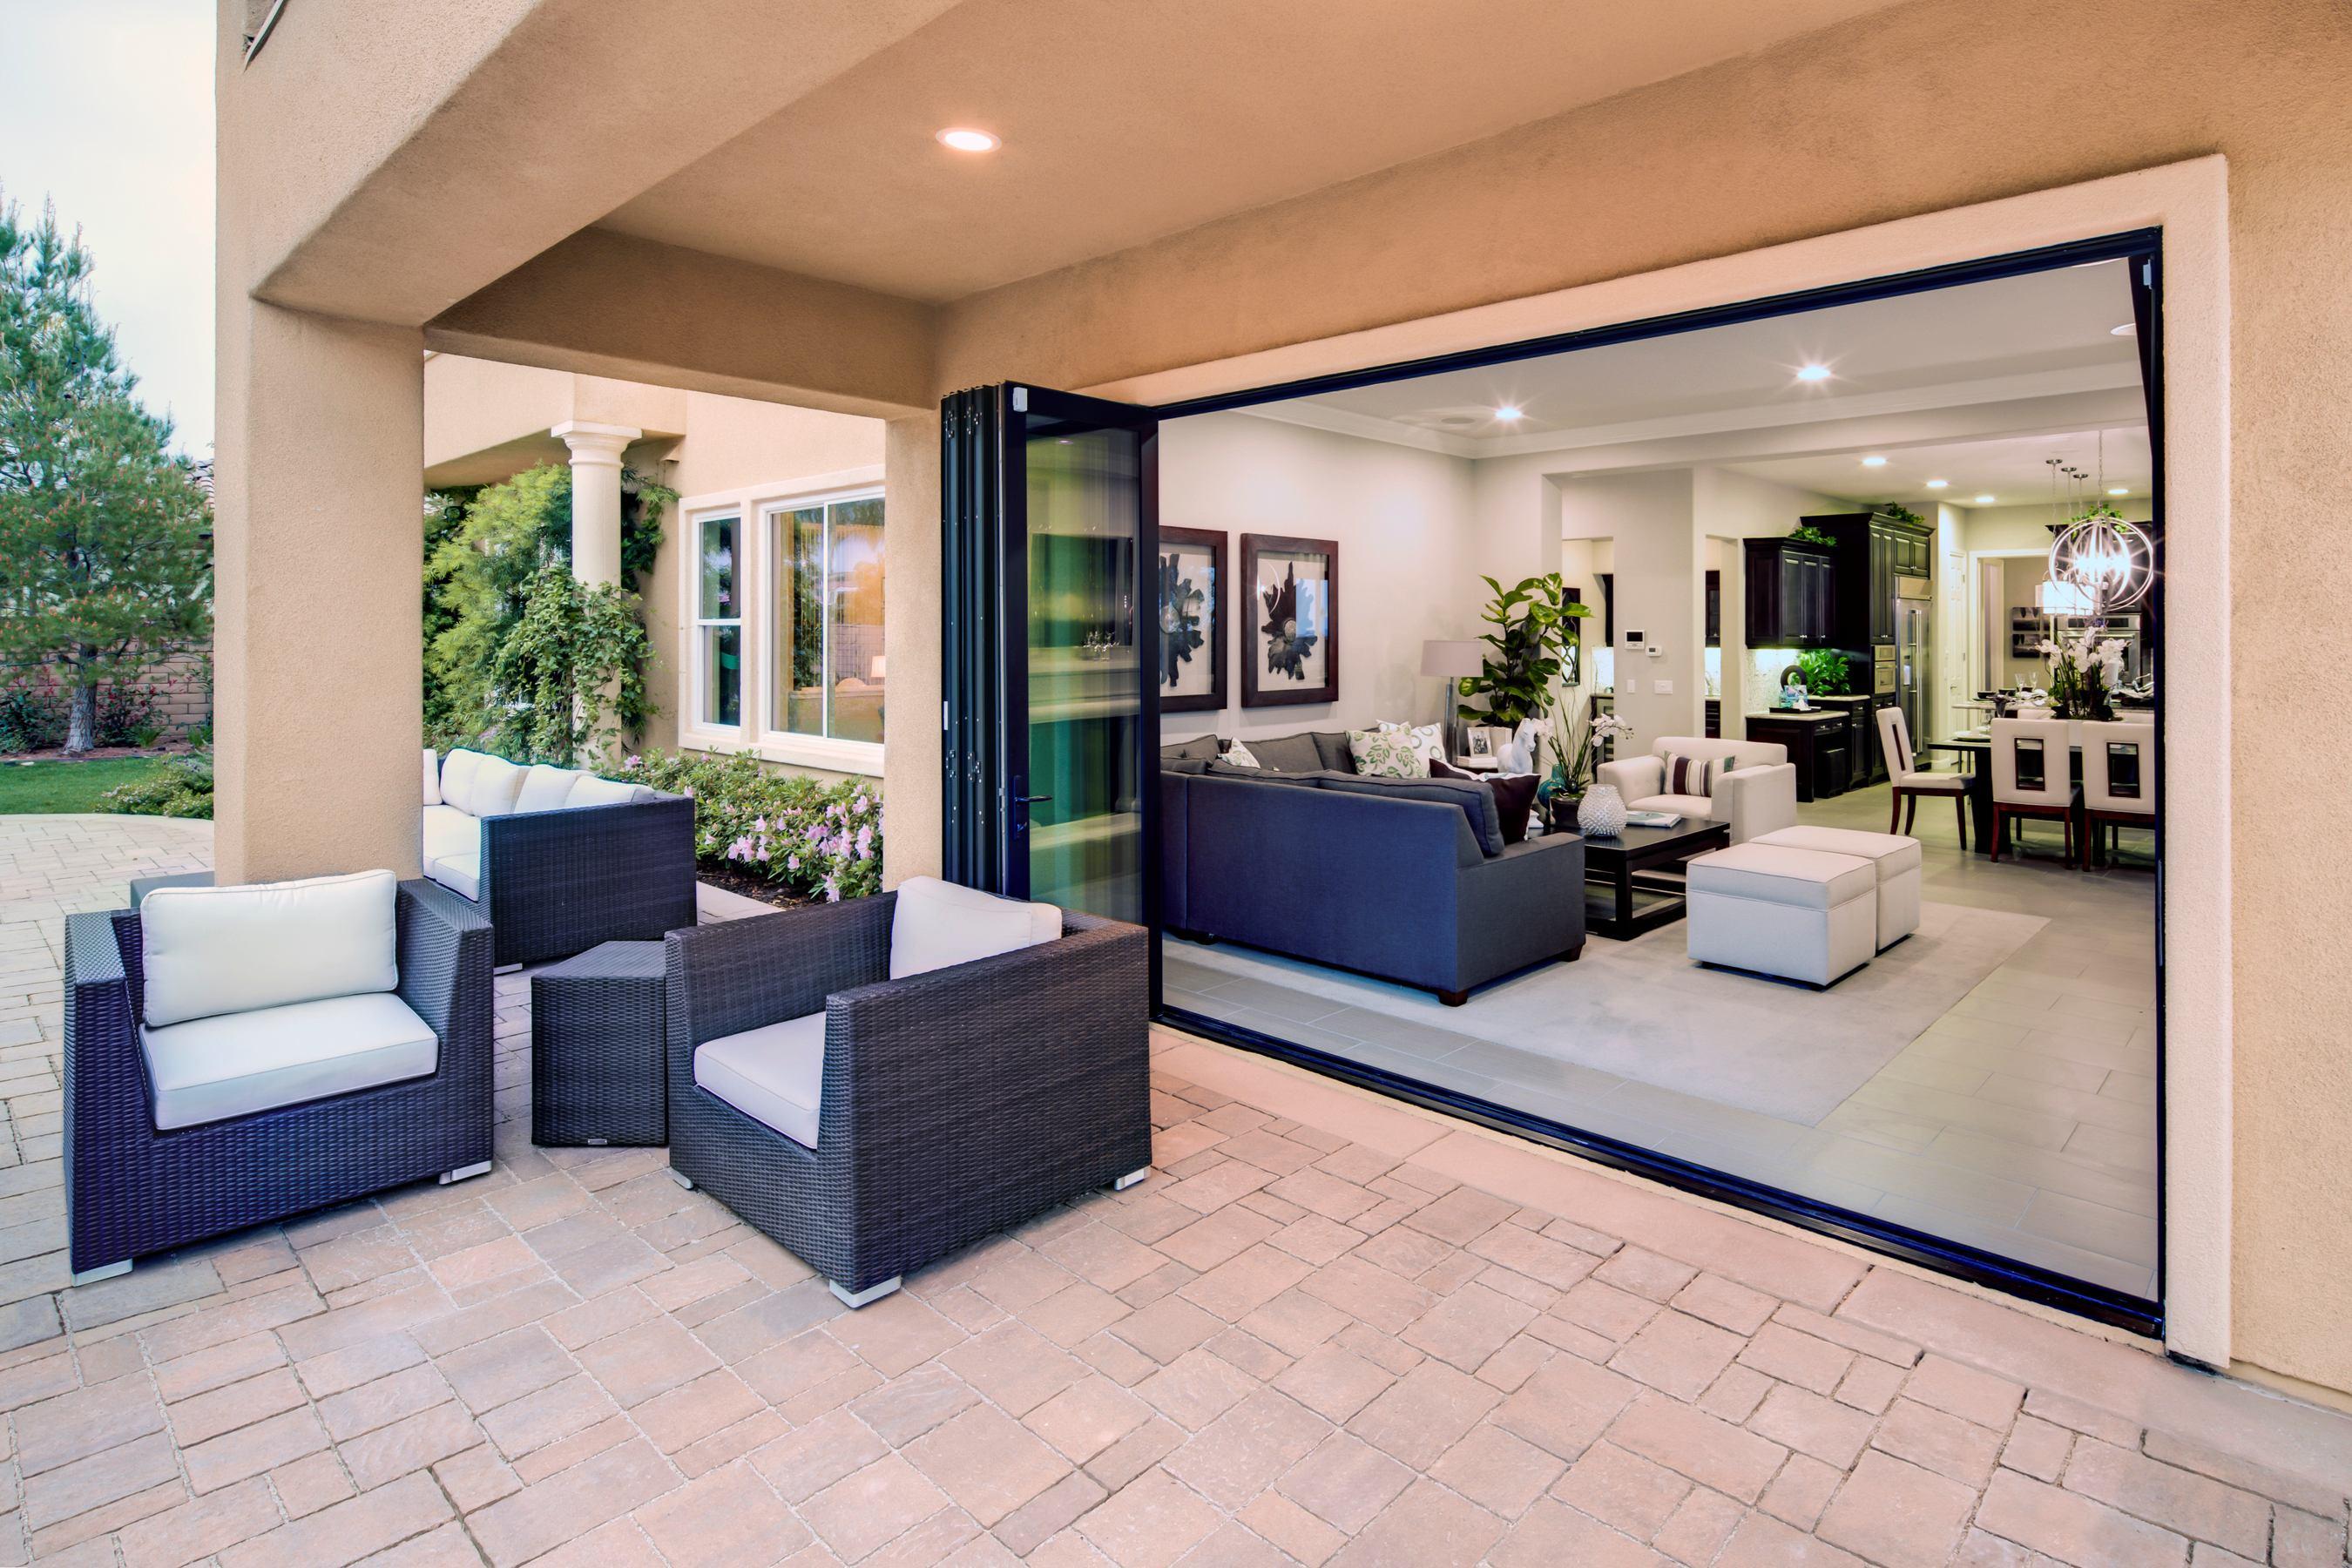 exterior bifold doors cost. new bi-fold door inspires upgrades for outdoor living | builder magazine doors, design, exteriors, kitchens, rooms, western window systems exterior bifold doors cost p